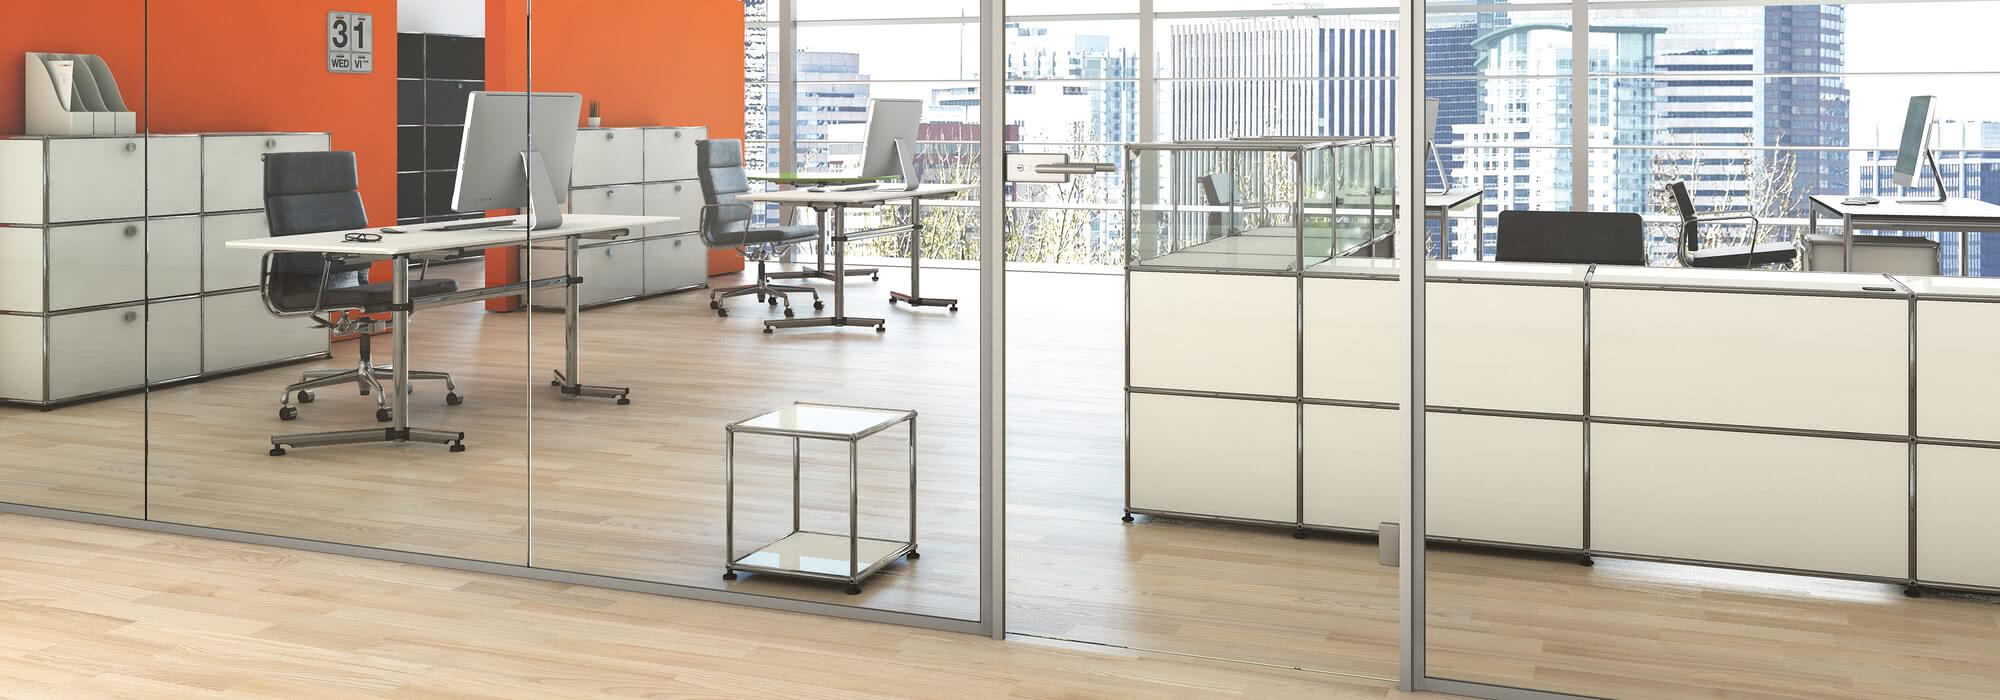 SPRINZ Kopfgrafik Ganzglasanlage Zarge Office.jpg